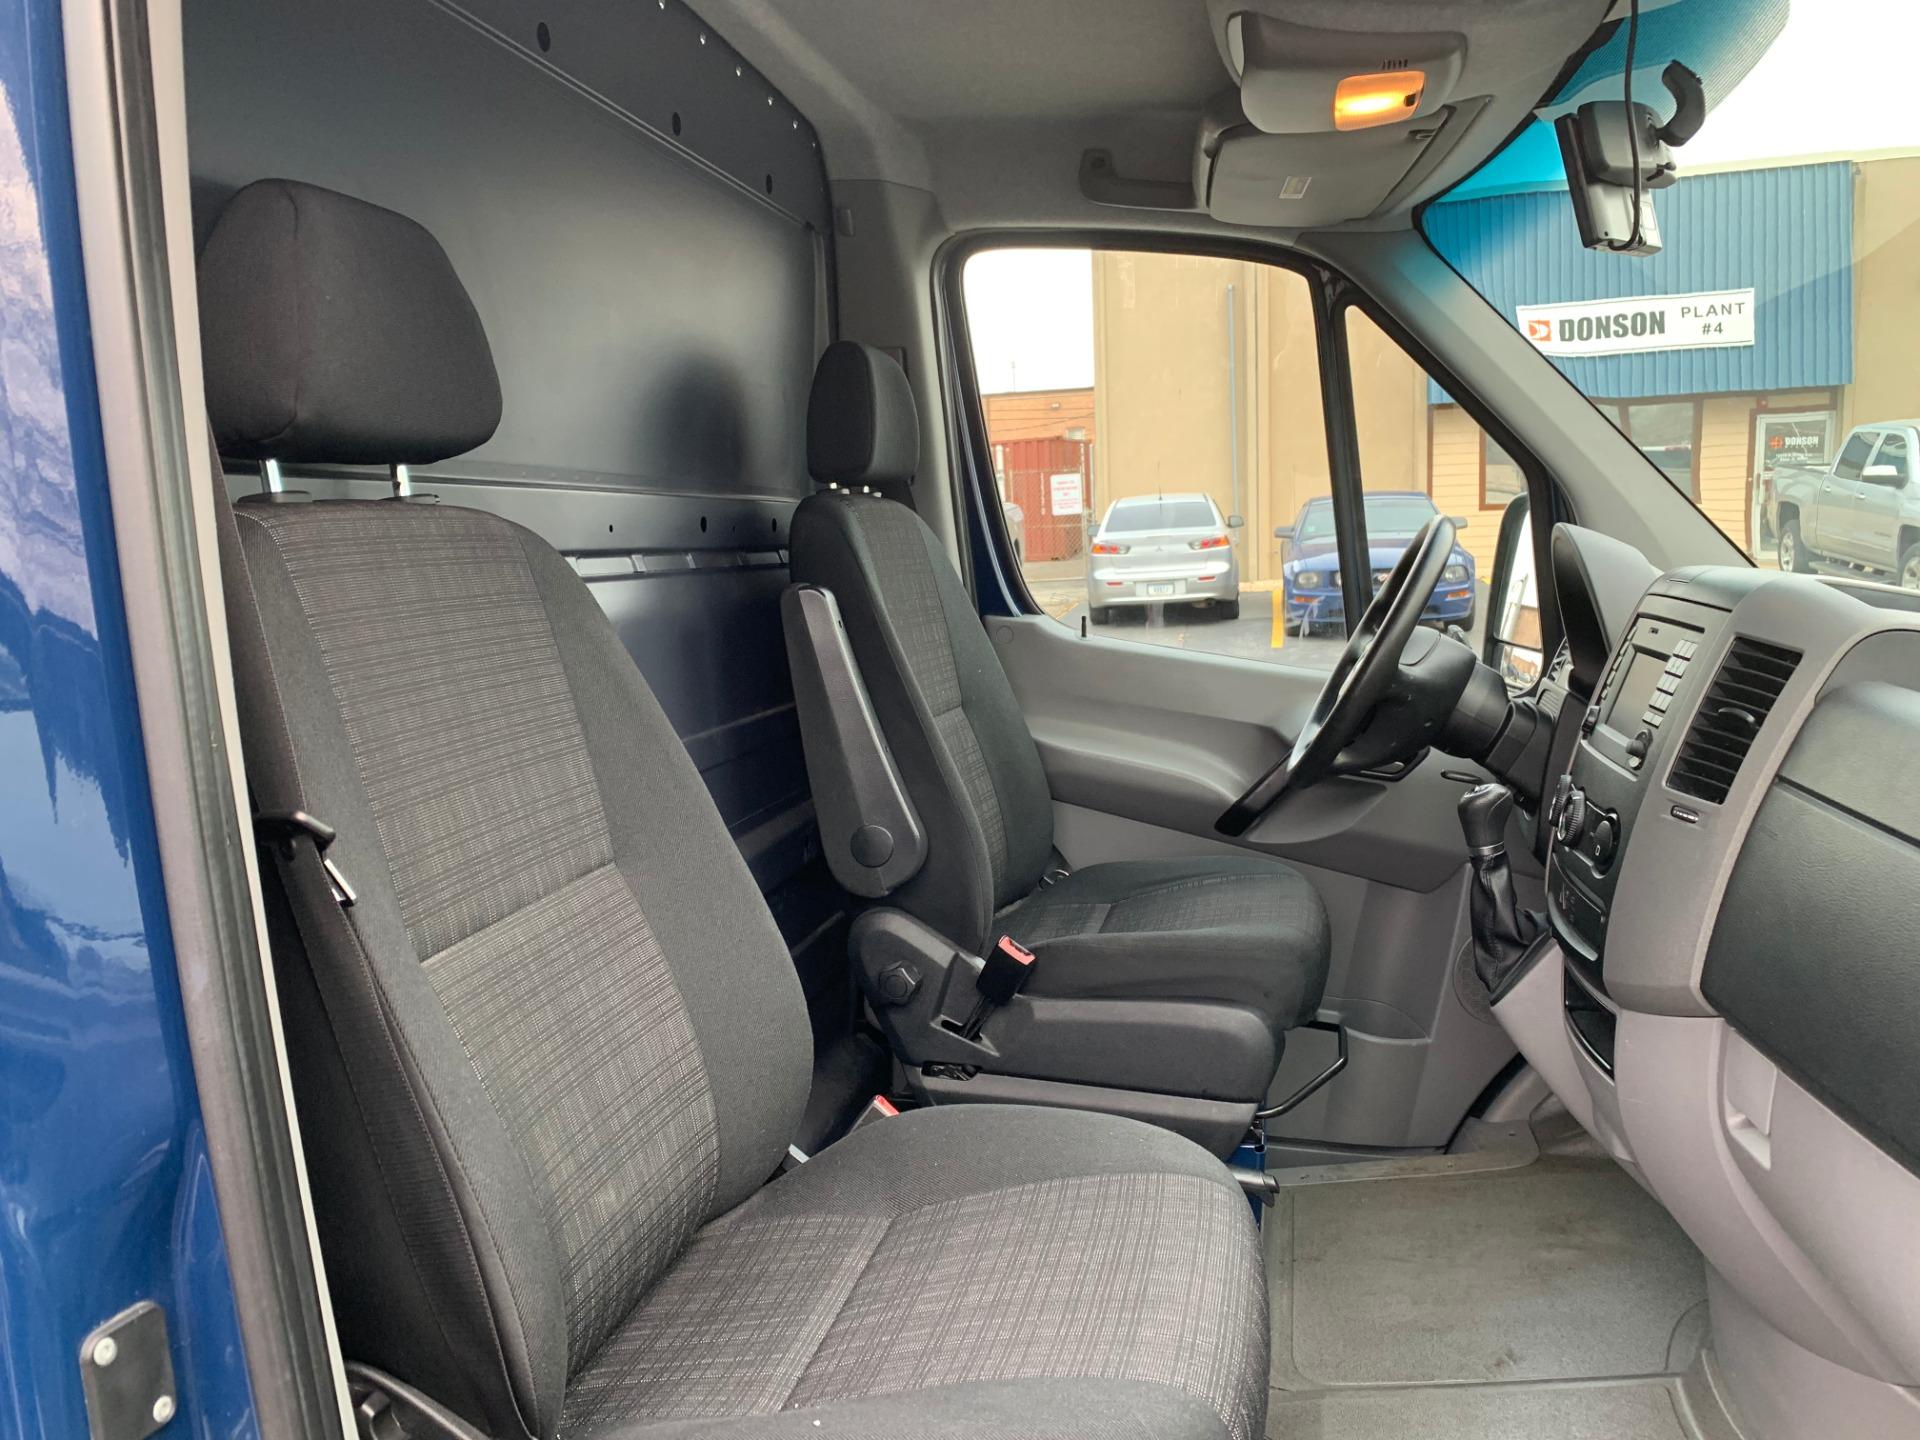 Used-2015-Mercedes-Benz-Sprinter-Cargo-Diesel-2500